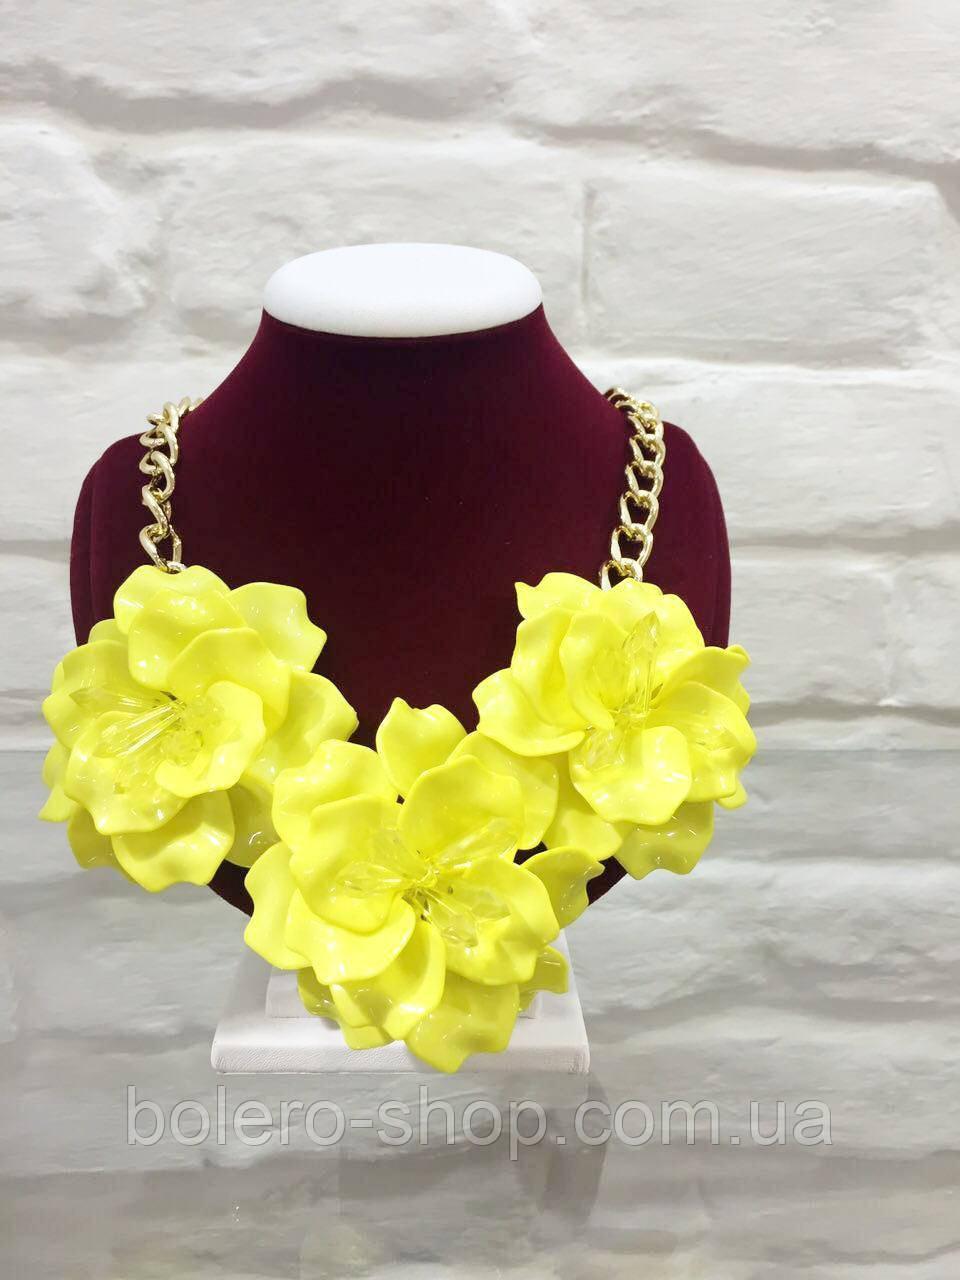 Подвеска  женская колье большое объемное желтое цветы итальянская бижутерия